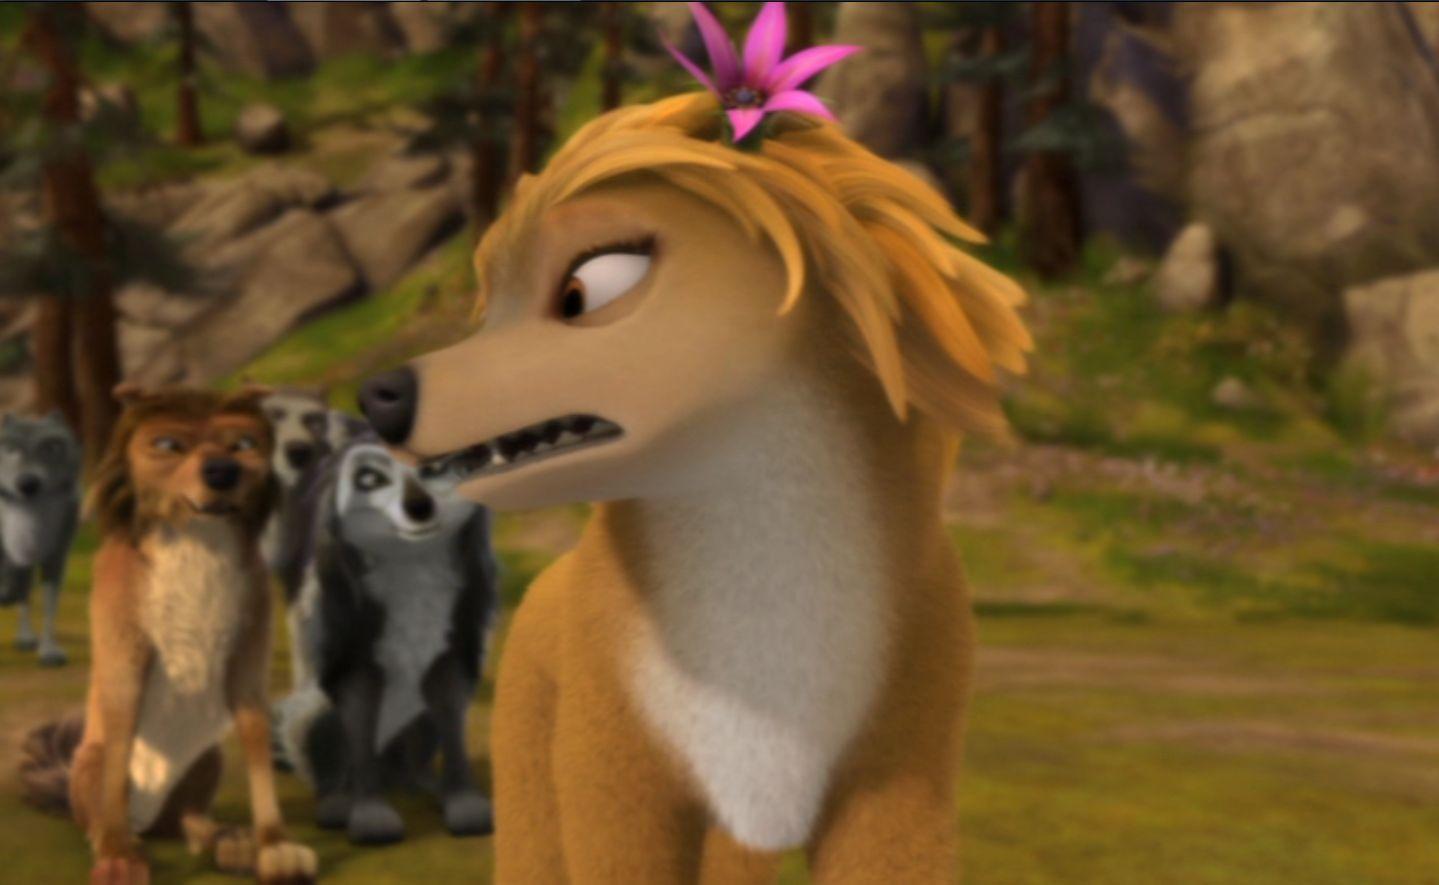 fondo de pantalla of Kate